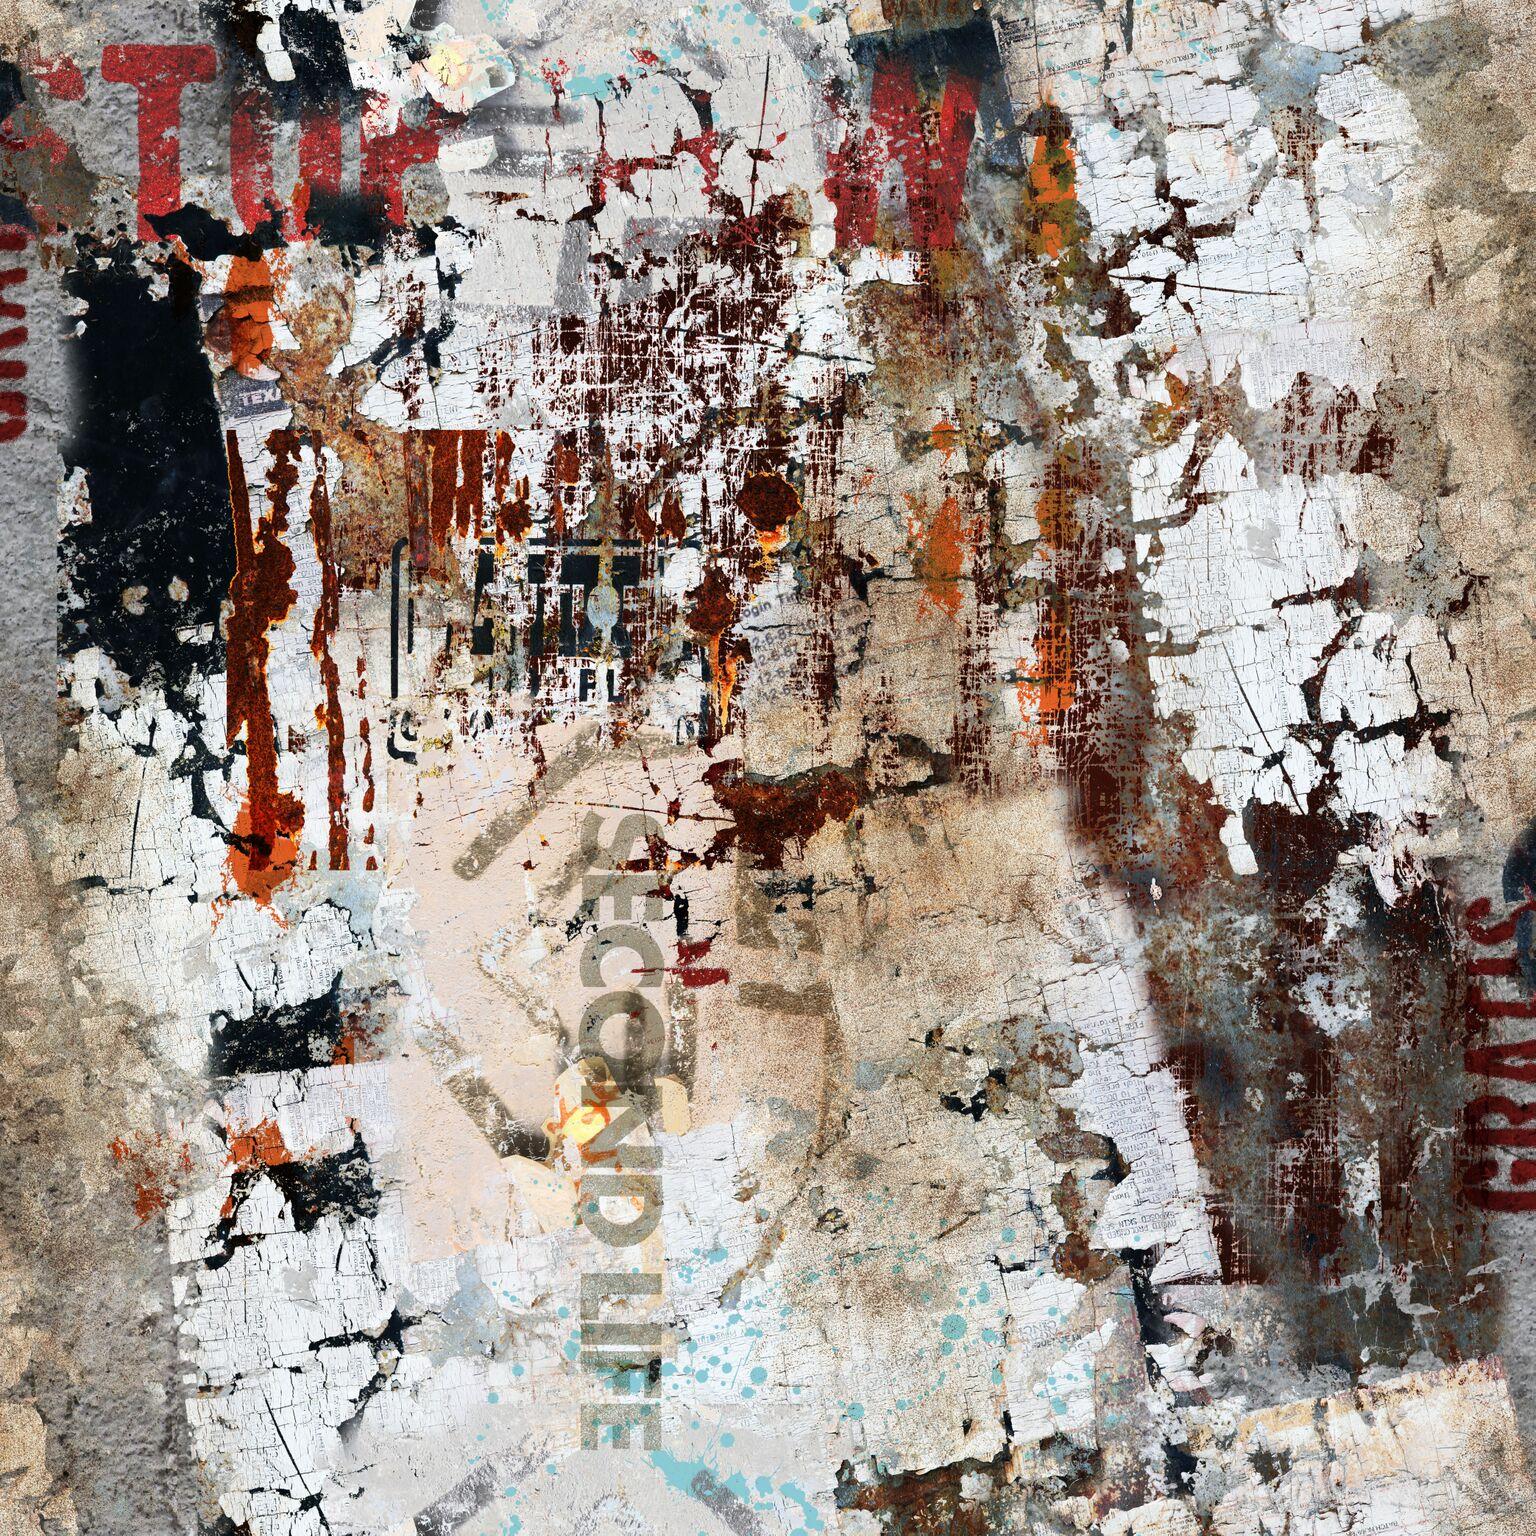 Papel de Parede Coleção Brincar Muro 3647 - Rolo: 10m x 0,52m